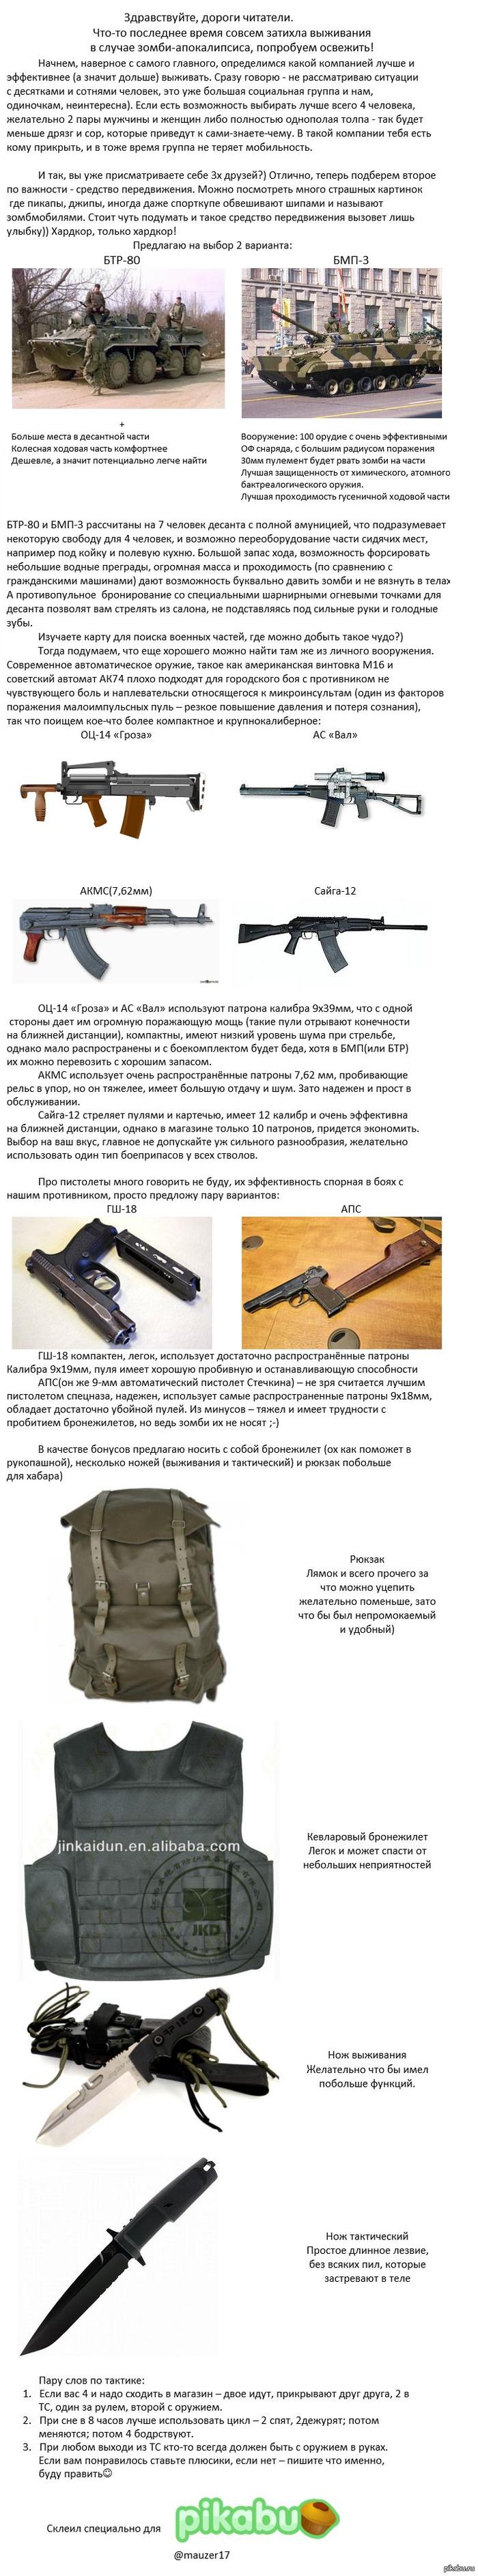 Снаряжение для зомбоапокалипсиса Что бы я выбрал в первую очередь)